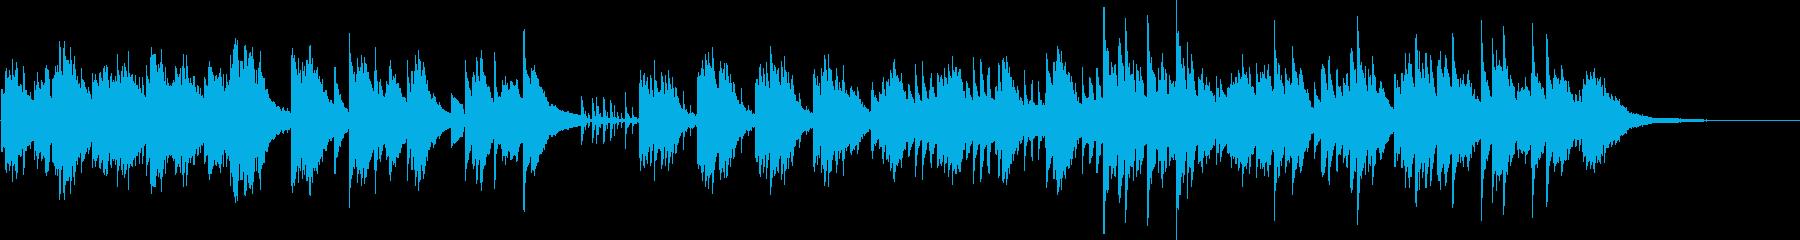 ゆらめく 舞う  流れるイメージの再生済みの波形